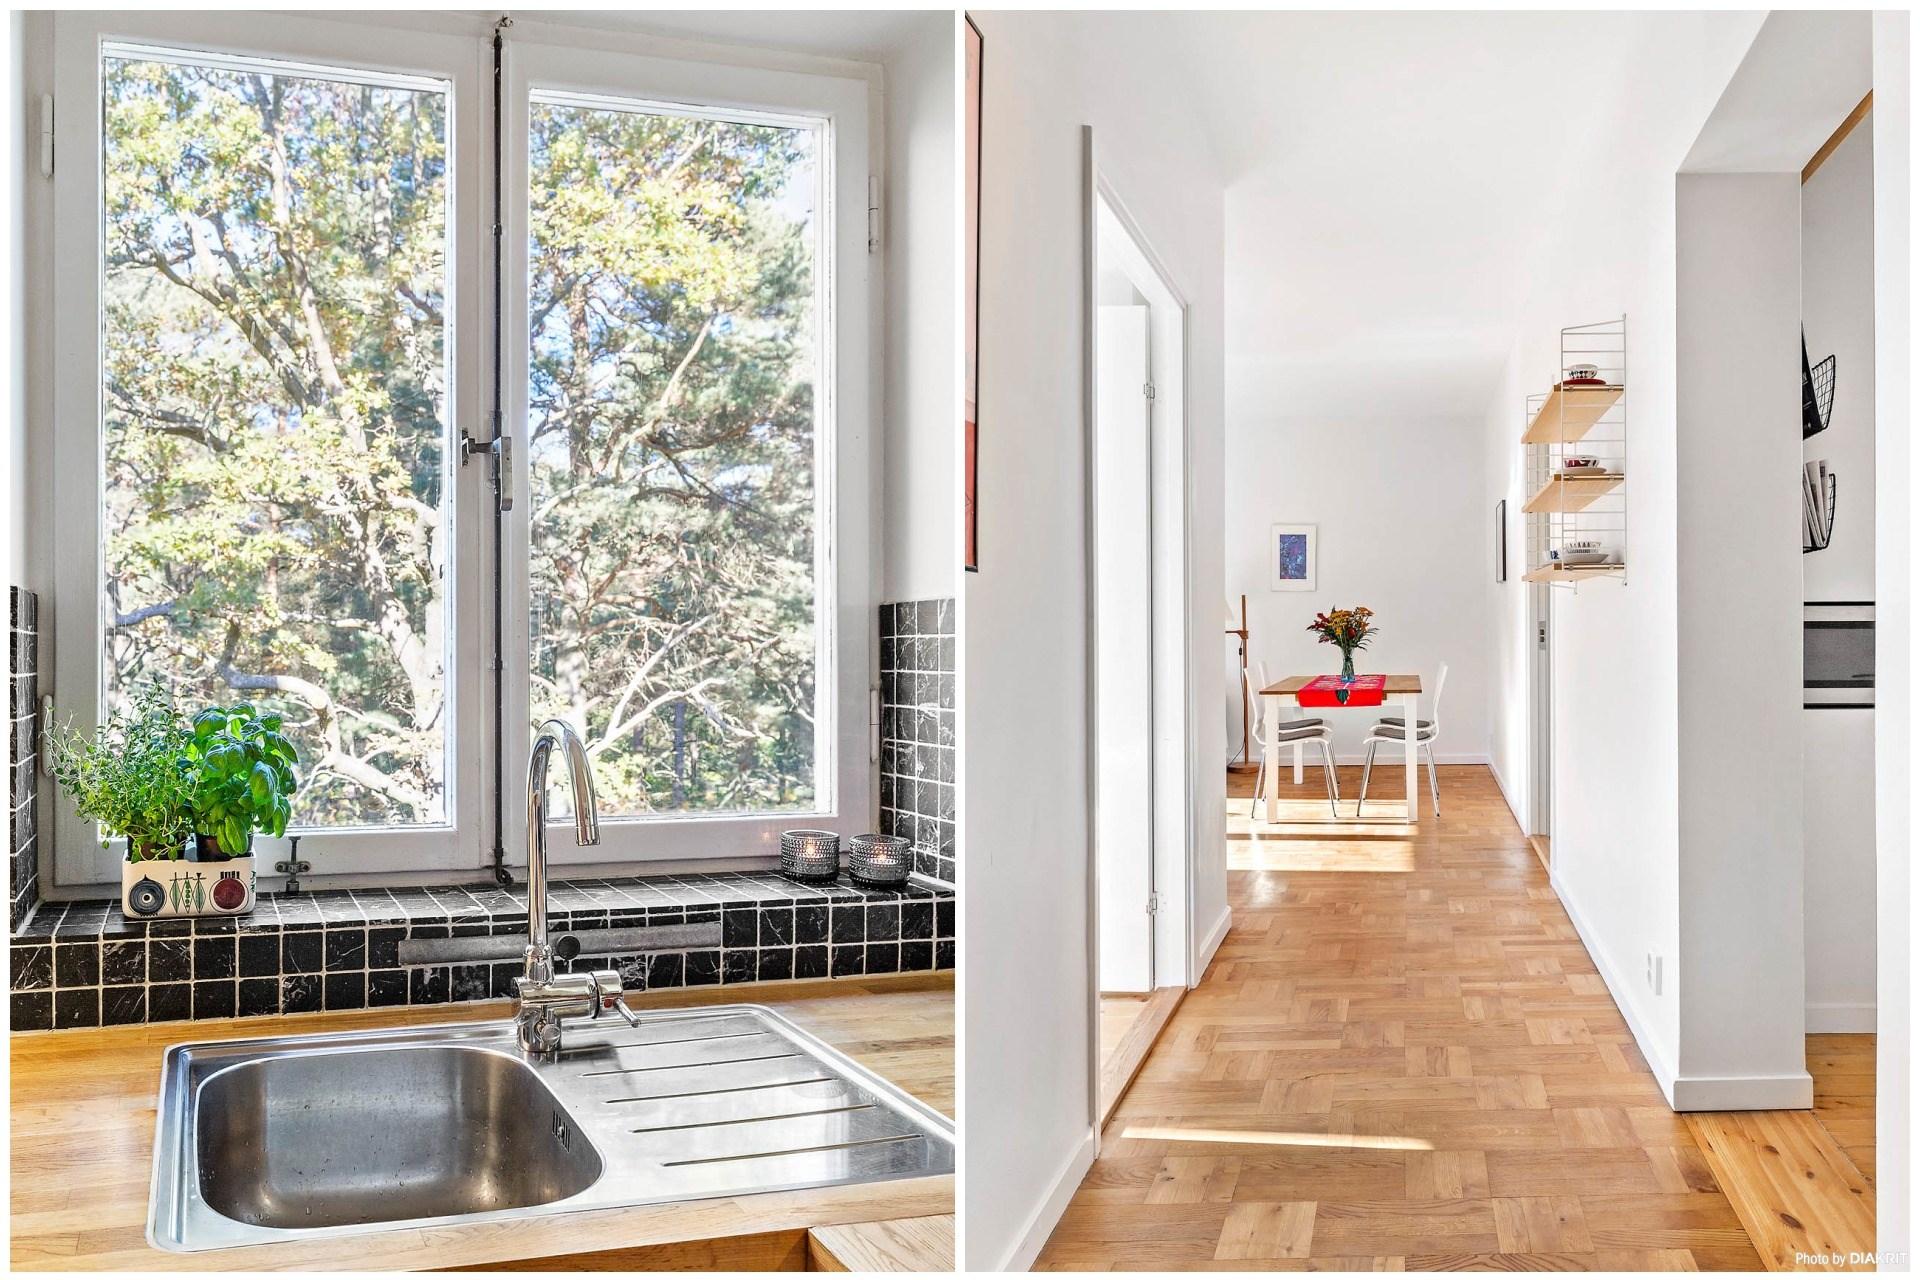 Diskho i rostfritt invid fönster mot lummig baksida. Hall ut från kök mot vardagsrum.